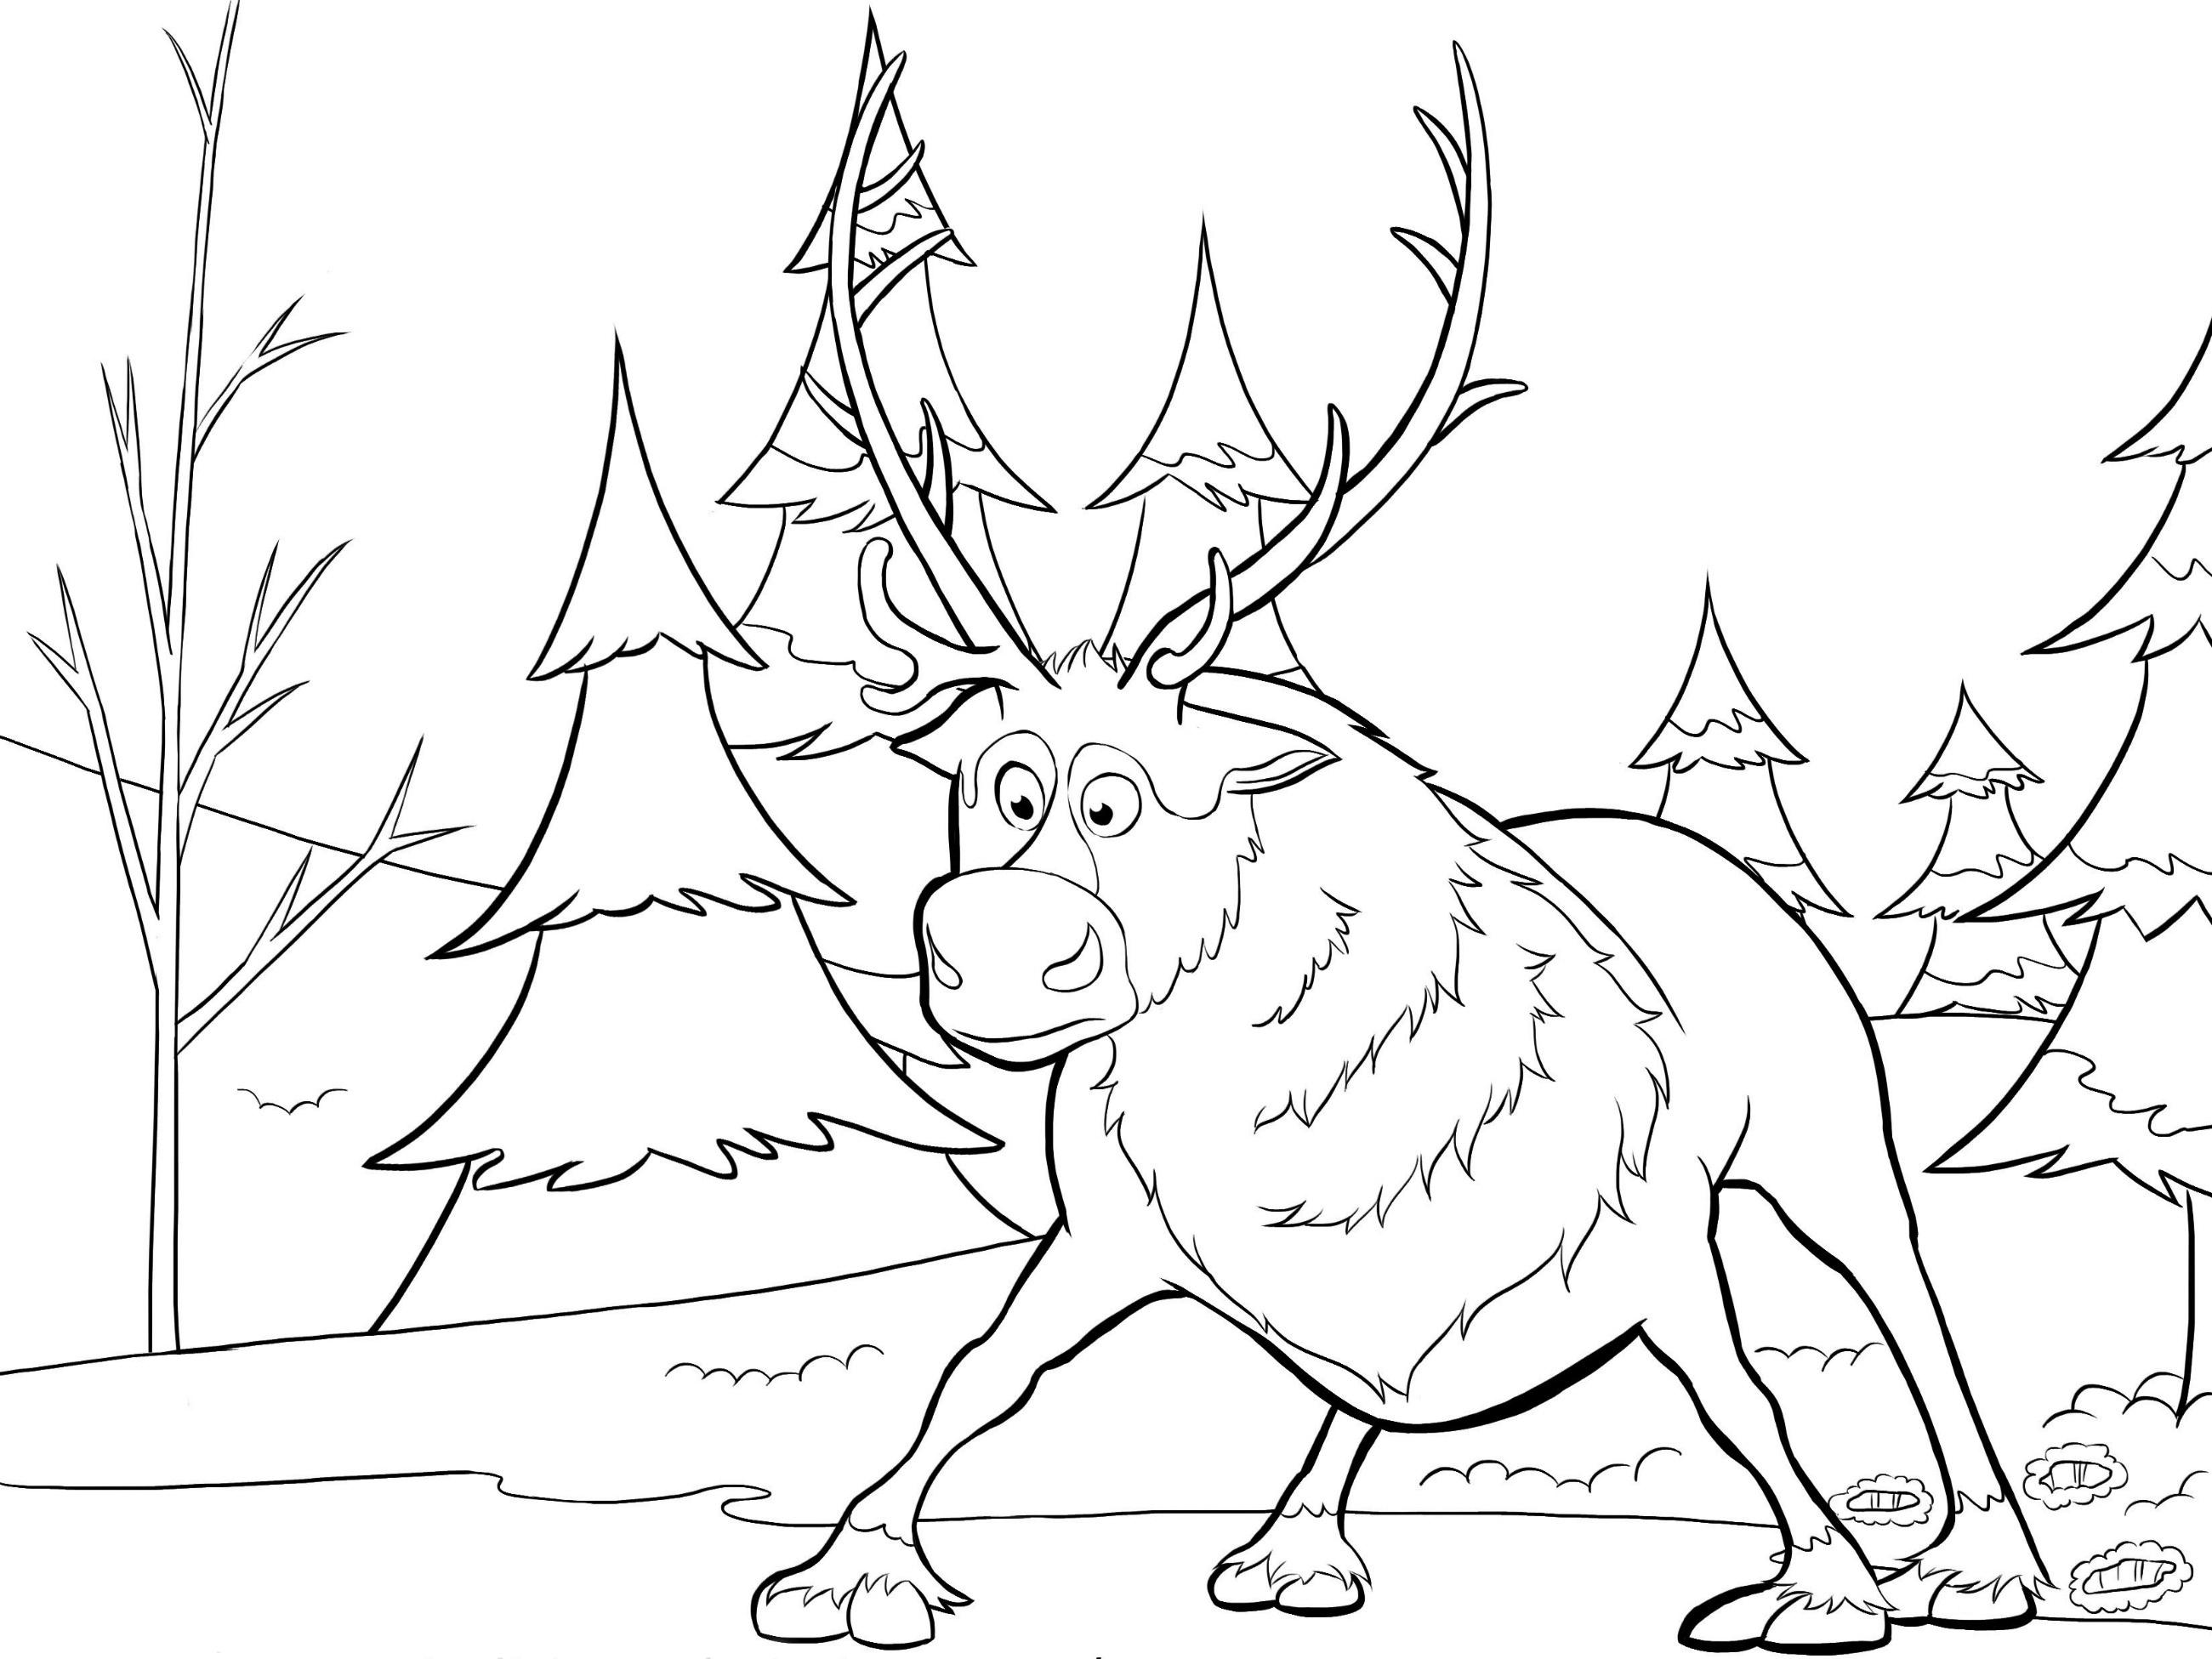 Frozen Dibujos Para Colorear E Imprimir: Dibujos Para Colorear De Frozen El Reino Del Hielo